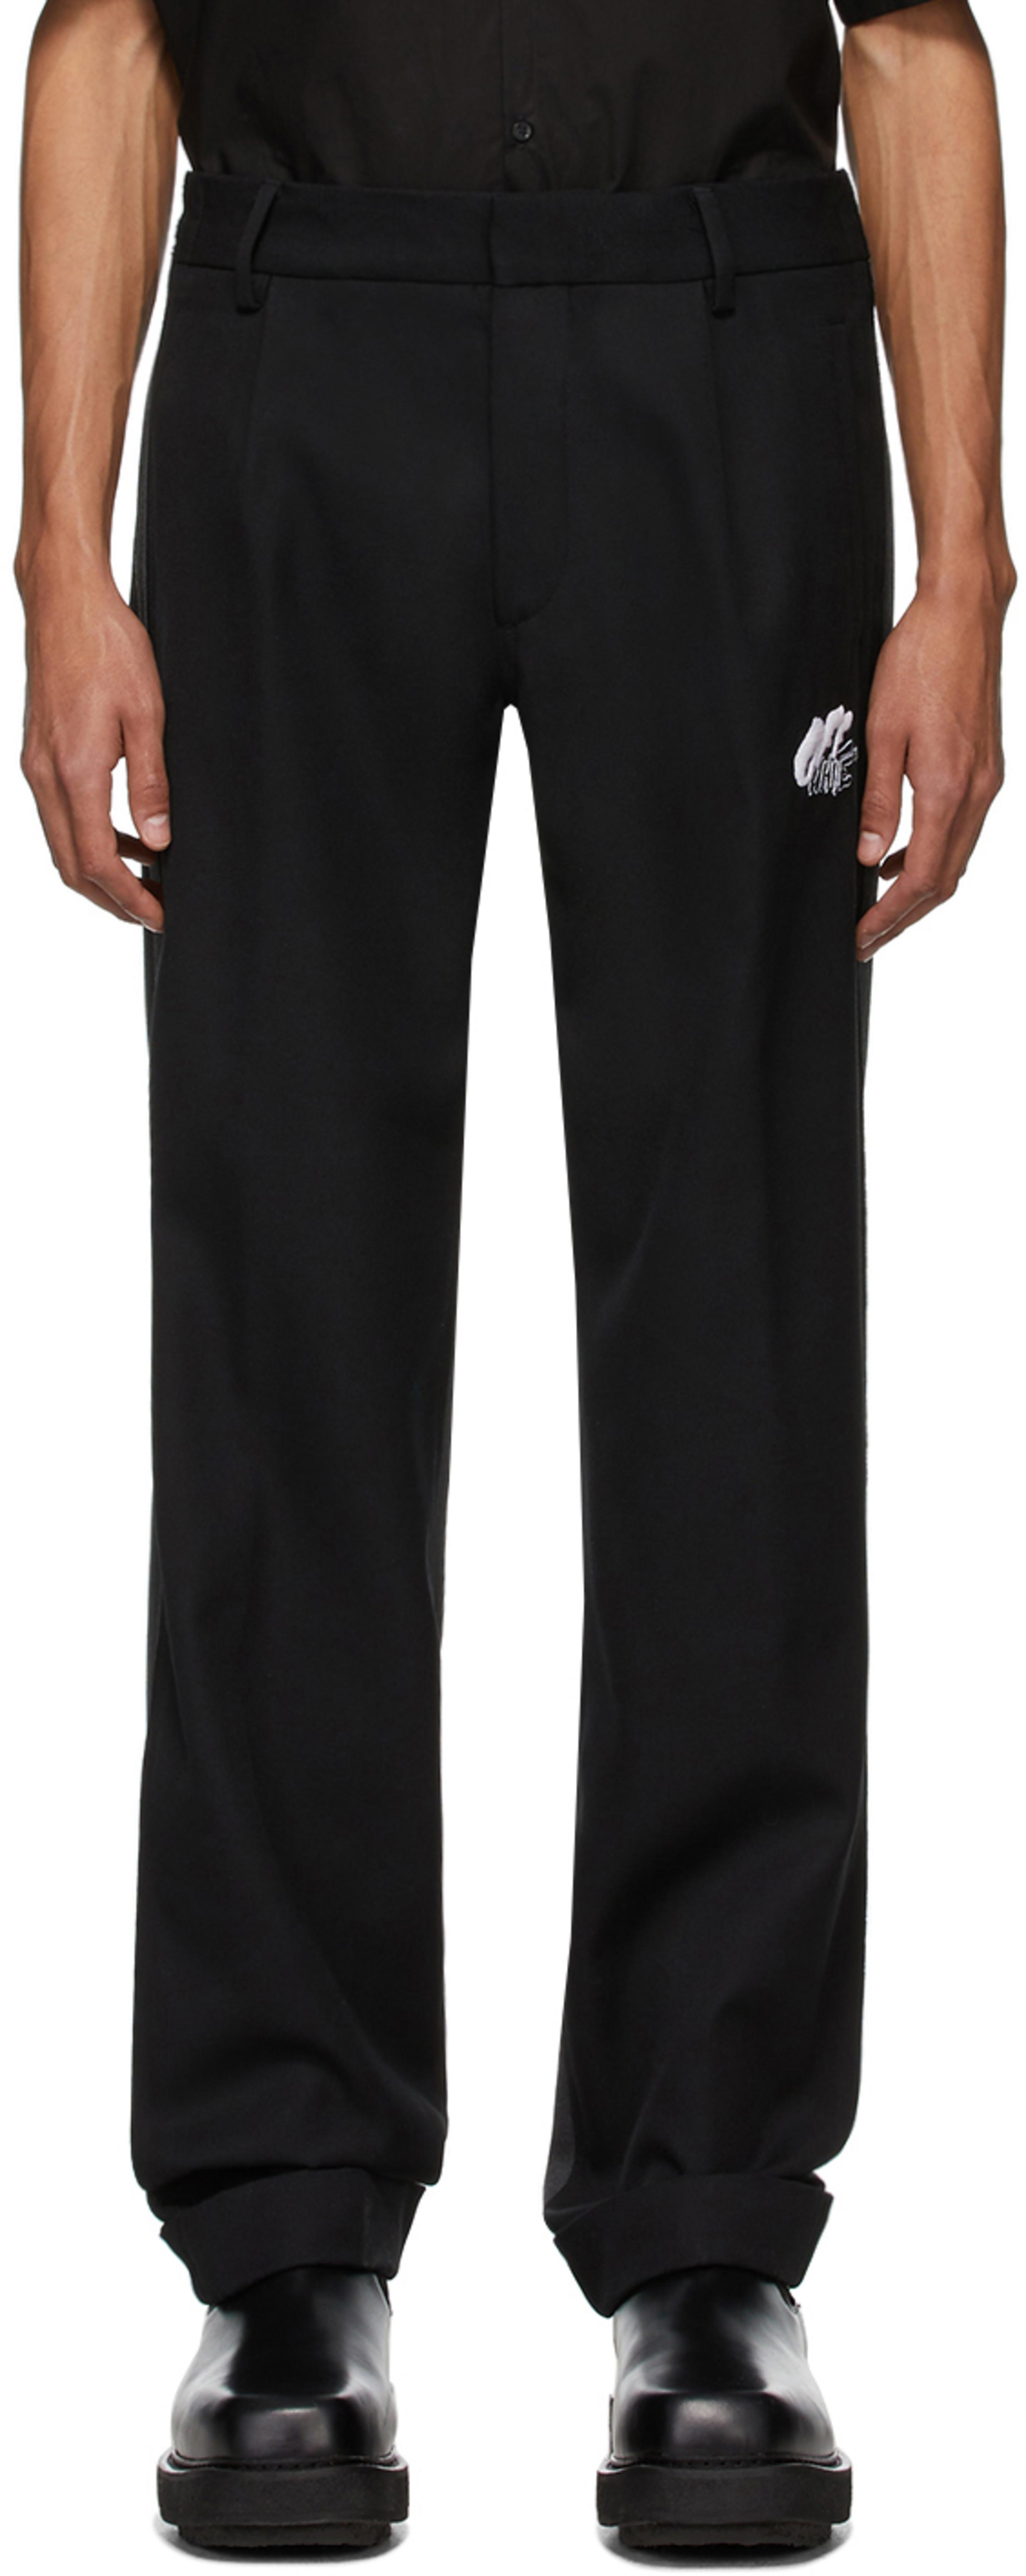 Chinos Noir Reconstructed Pantalon Et Gris q4R3Aj5Lc